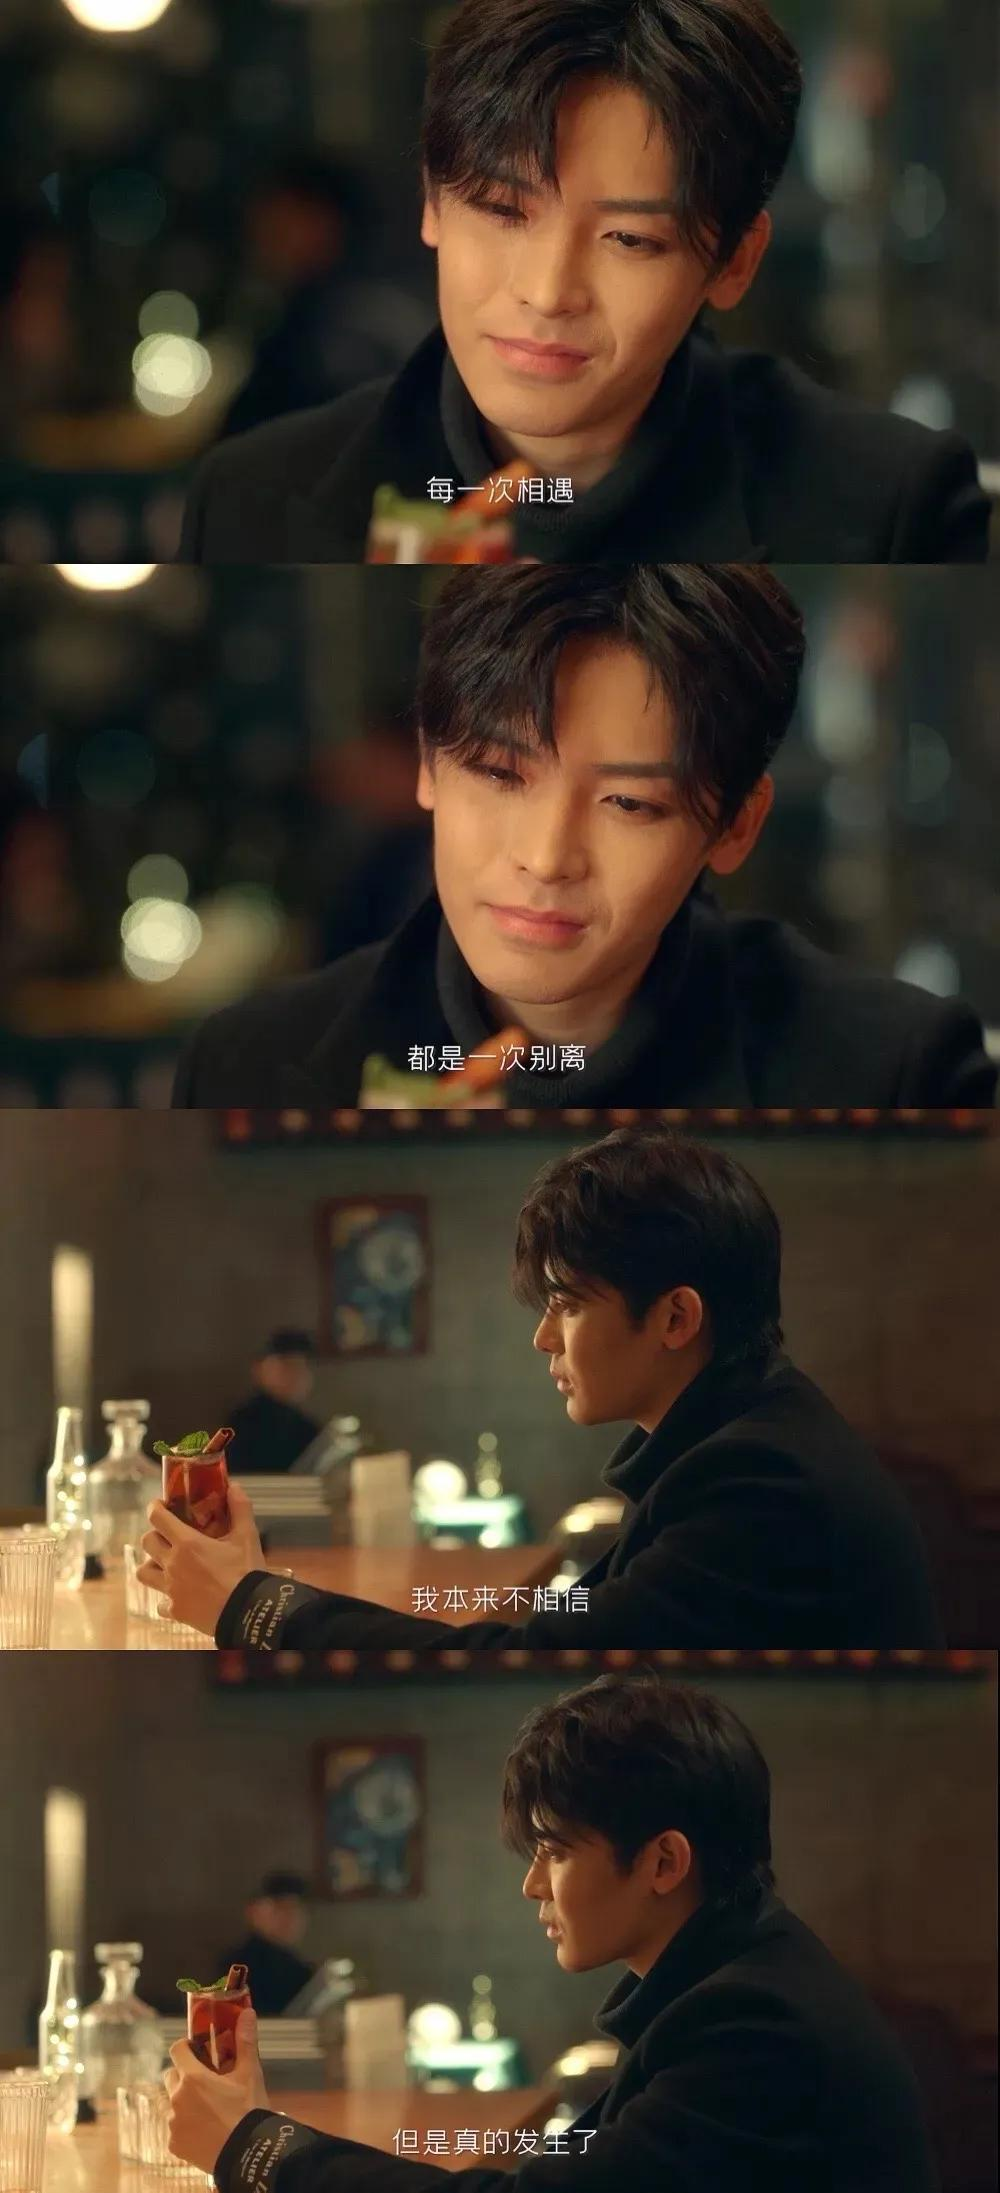 综艺《平行时空遇见你》里的杨超越和侯明昊甜到你了吗?